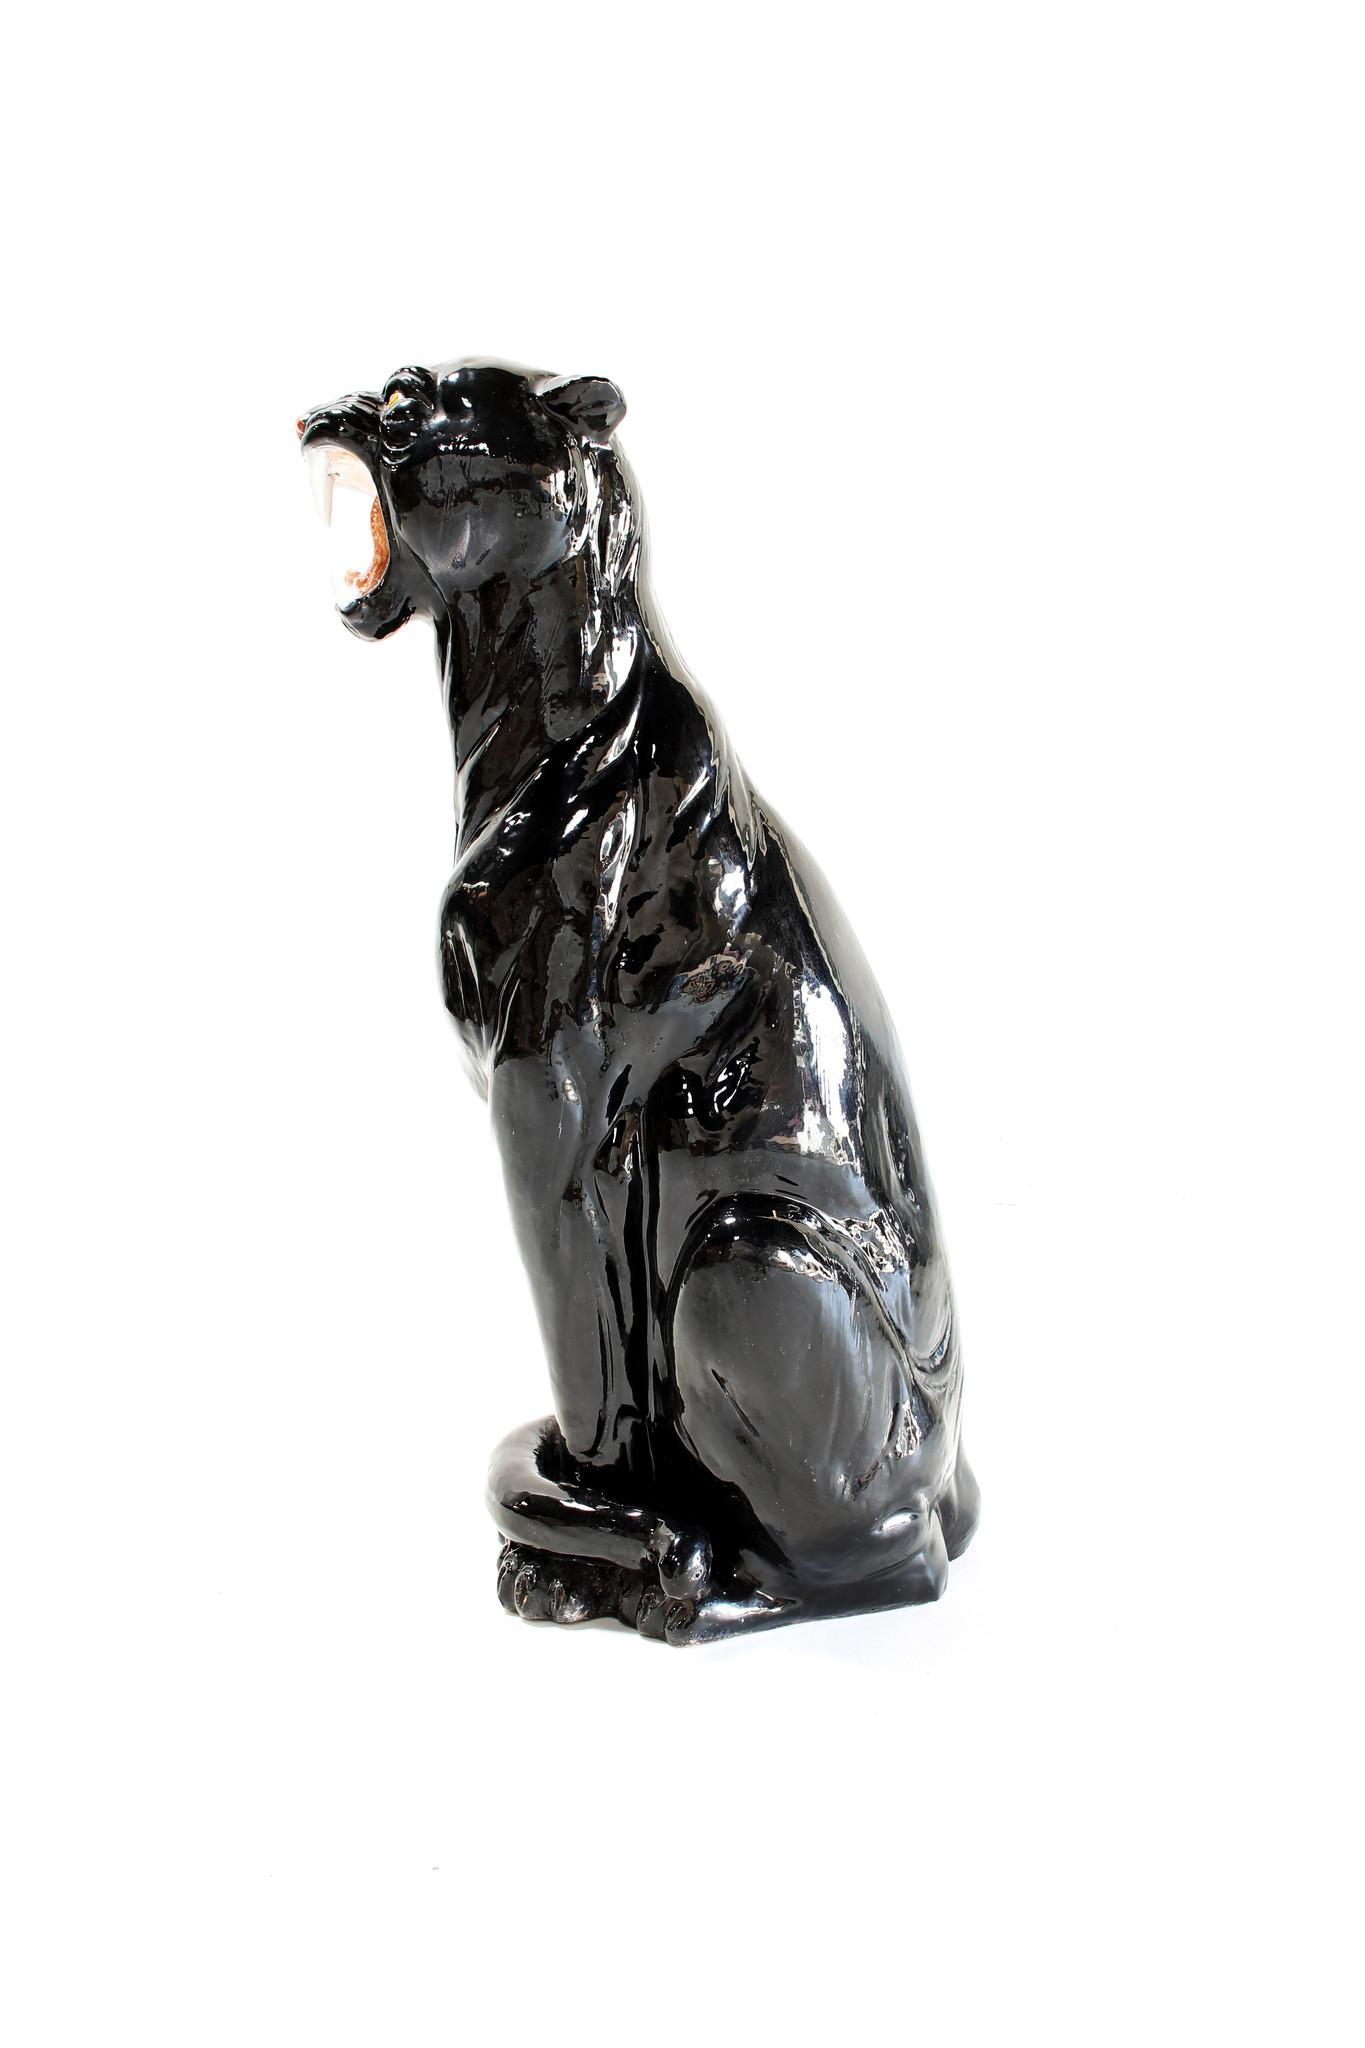 Black ceramic panther, 1970's